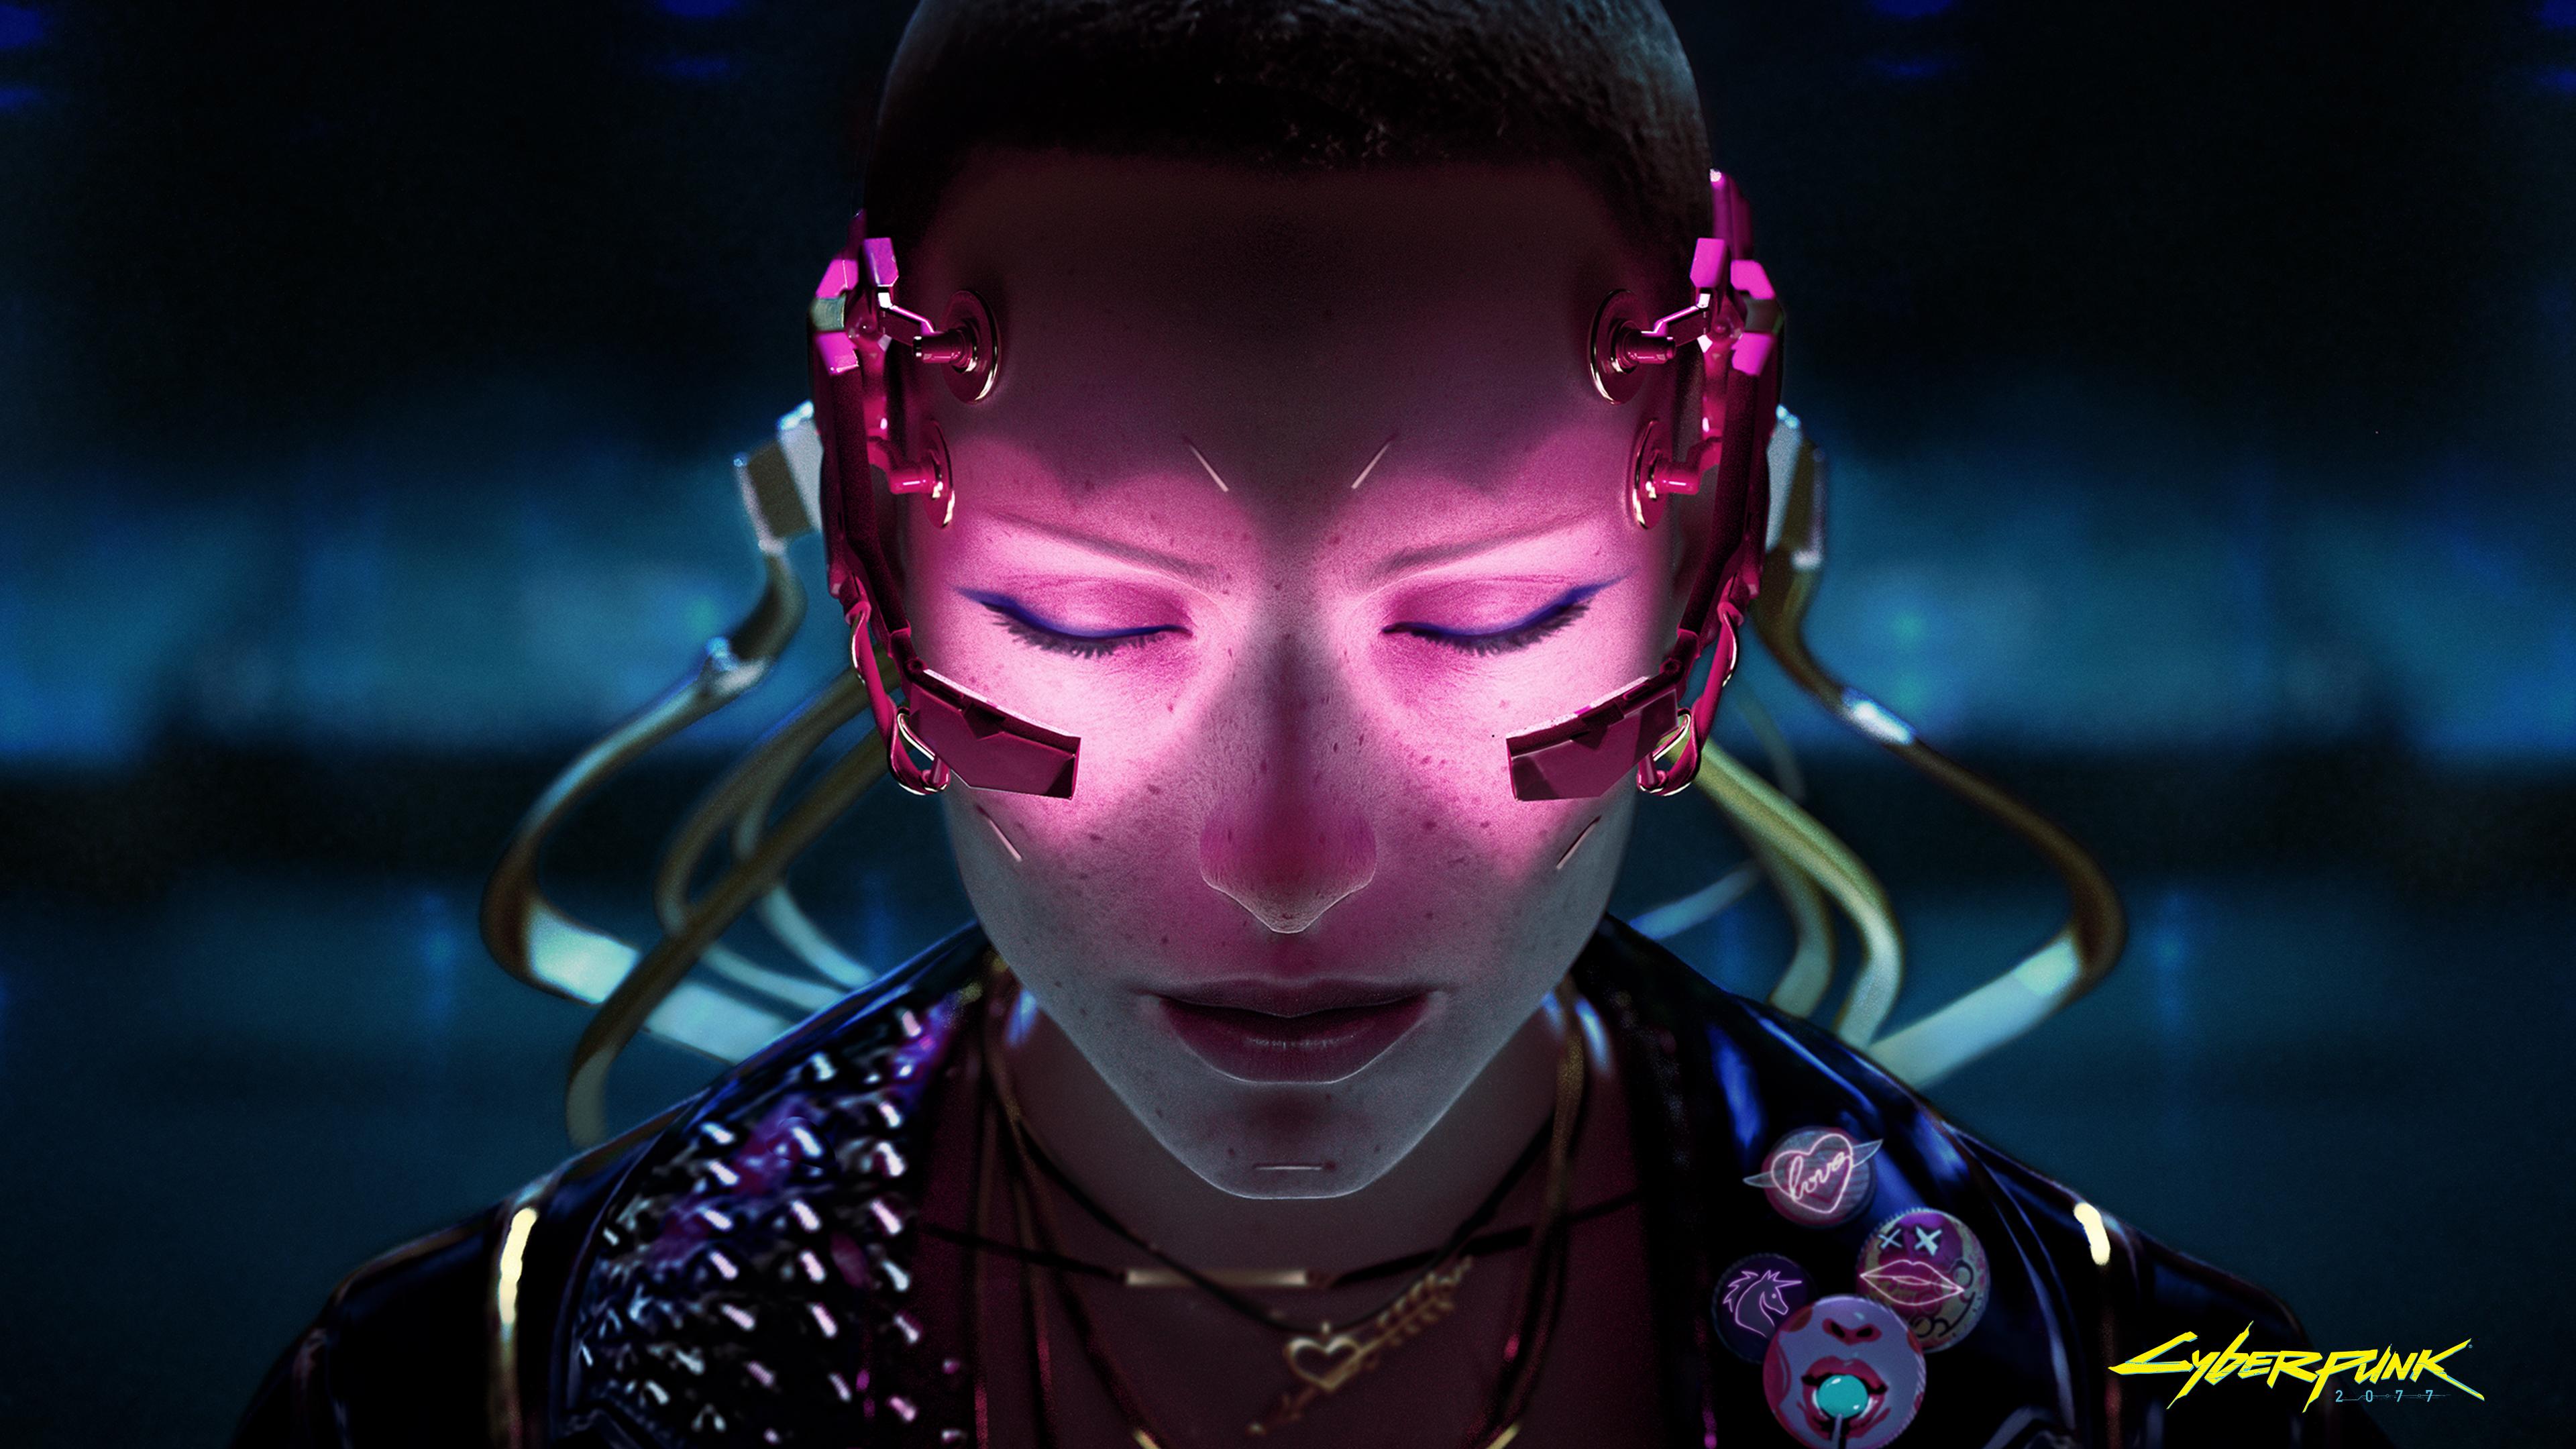 Cyberpunk 2077 3840x2160